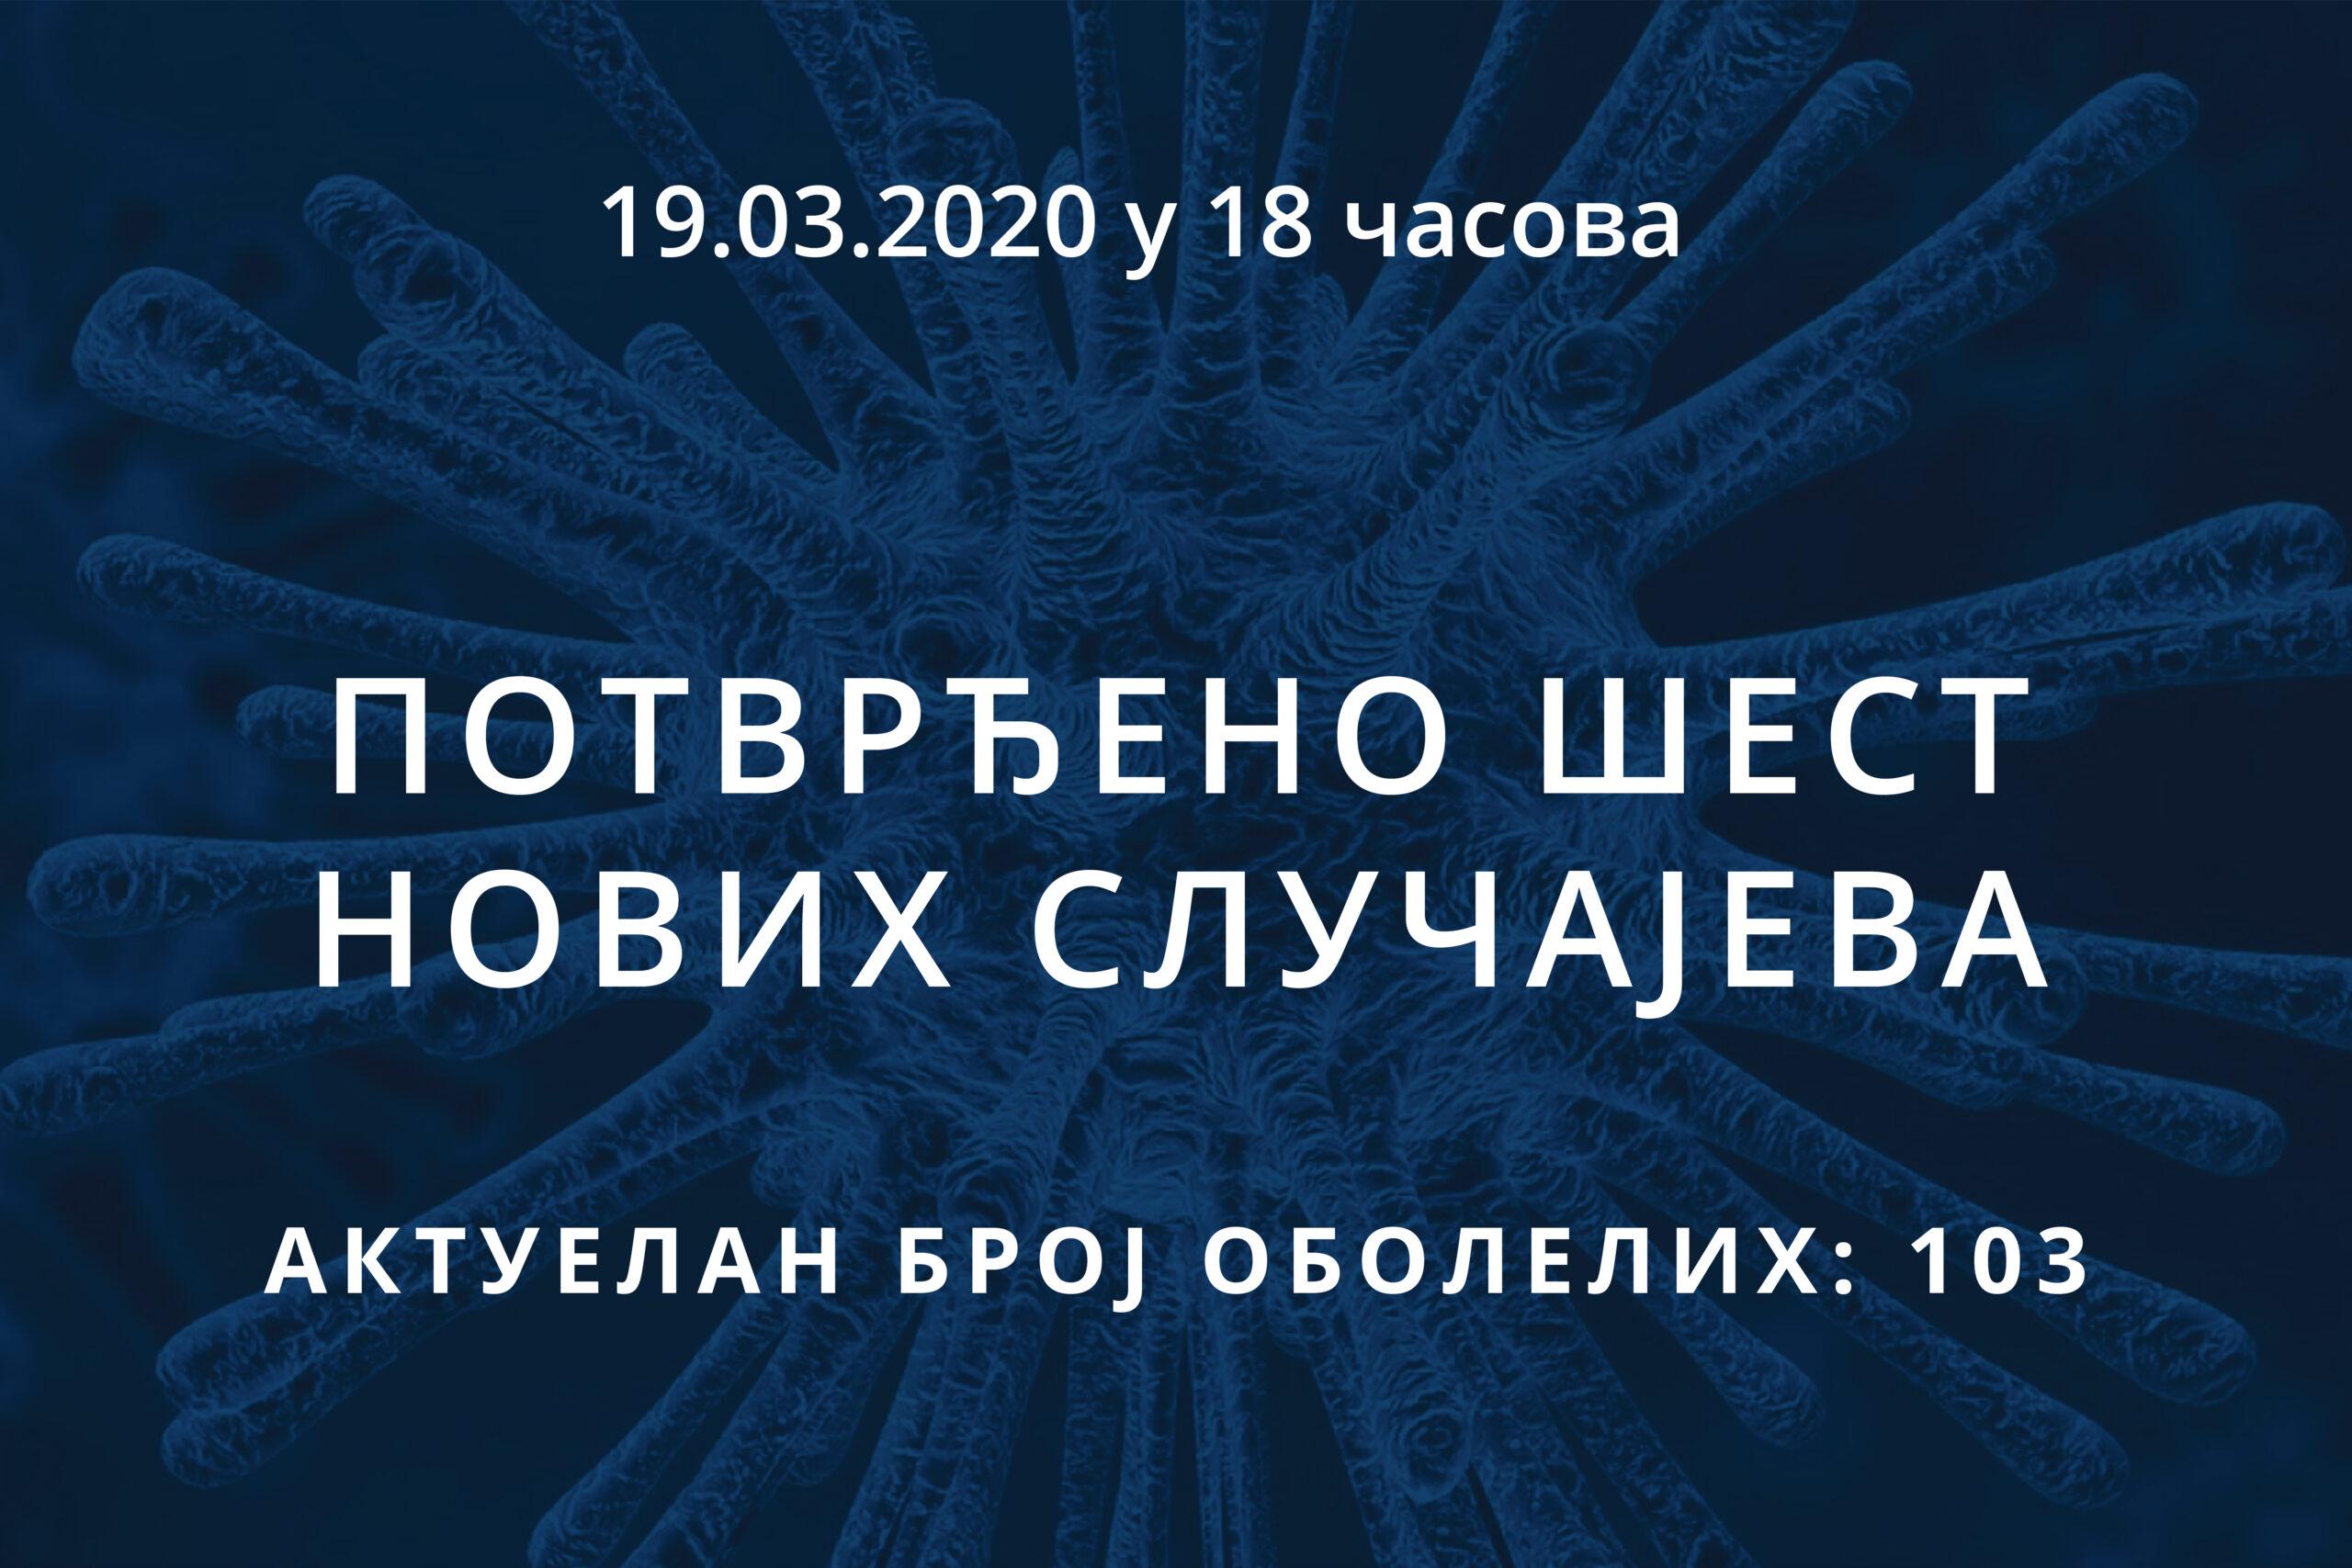 Информације о корона вирусу COVID-19, 19.03.2020 у 18 часова